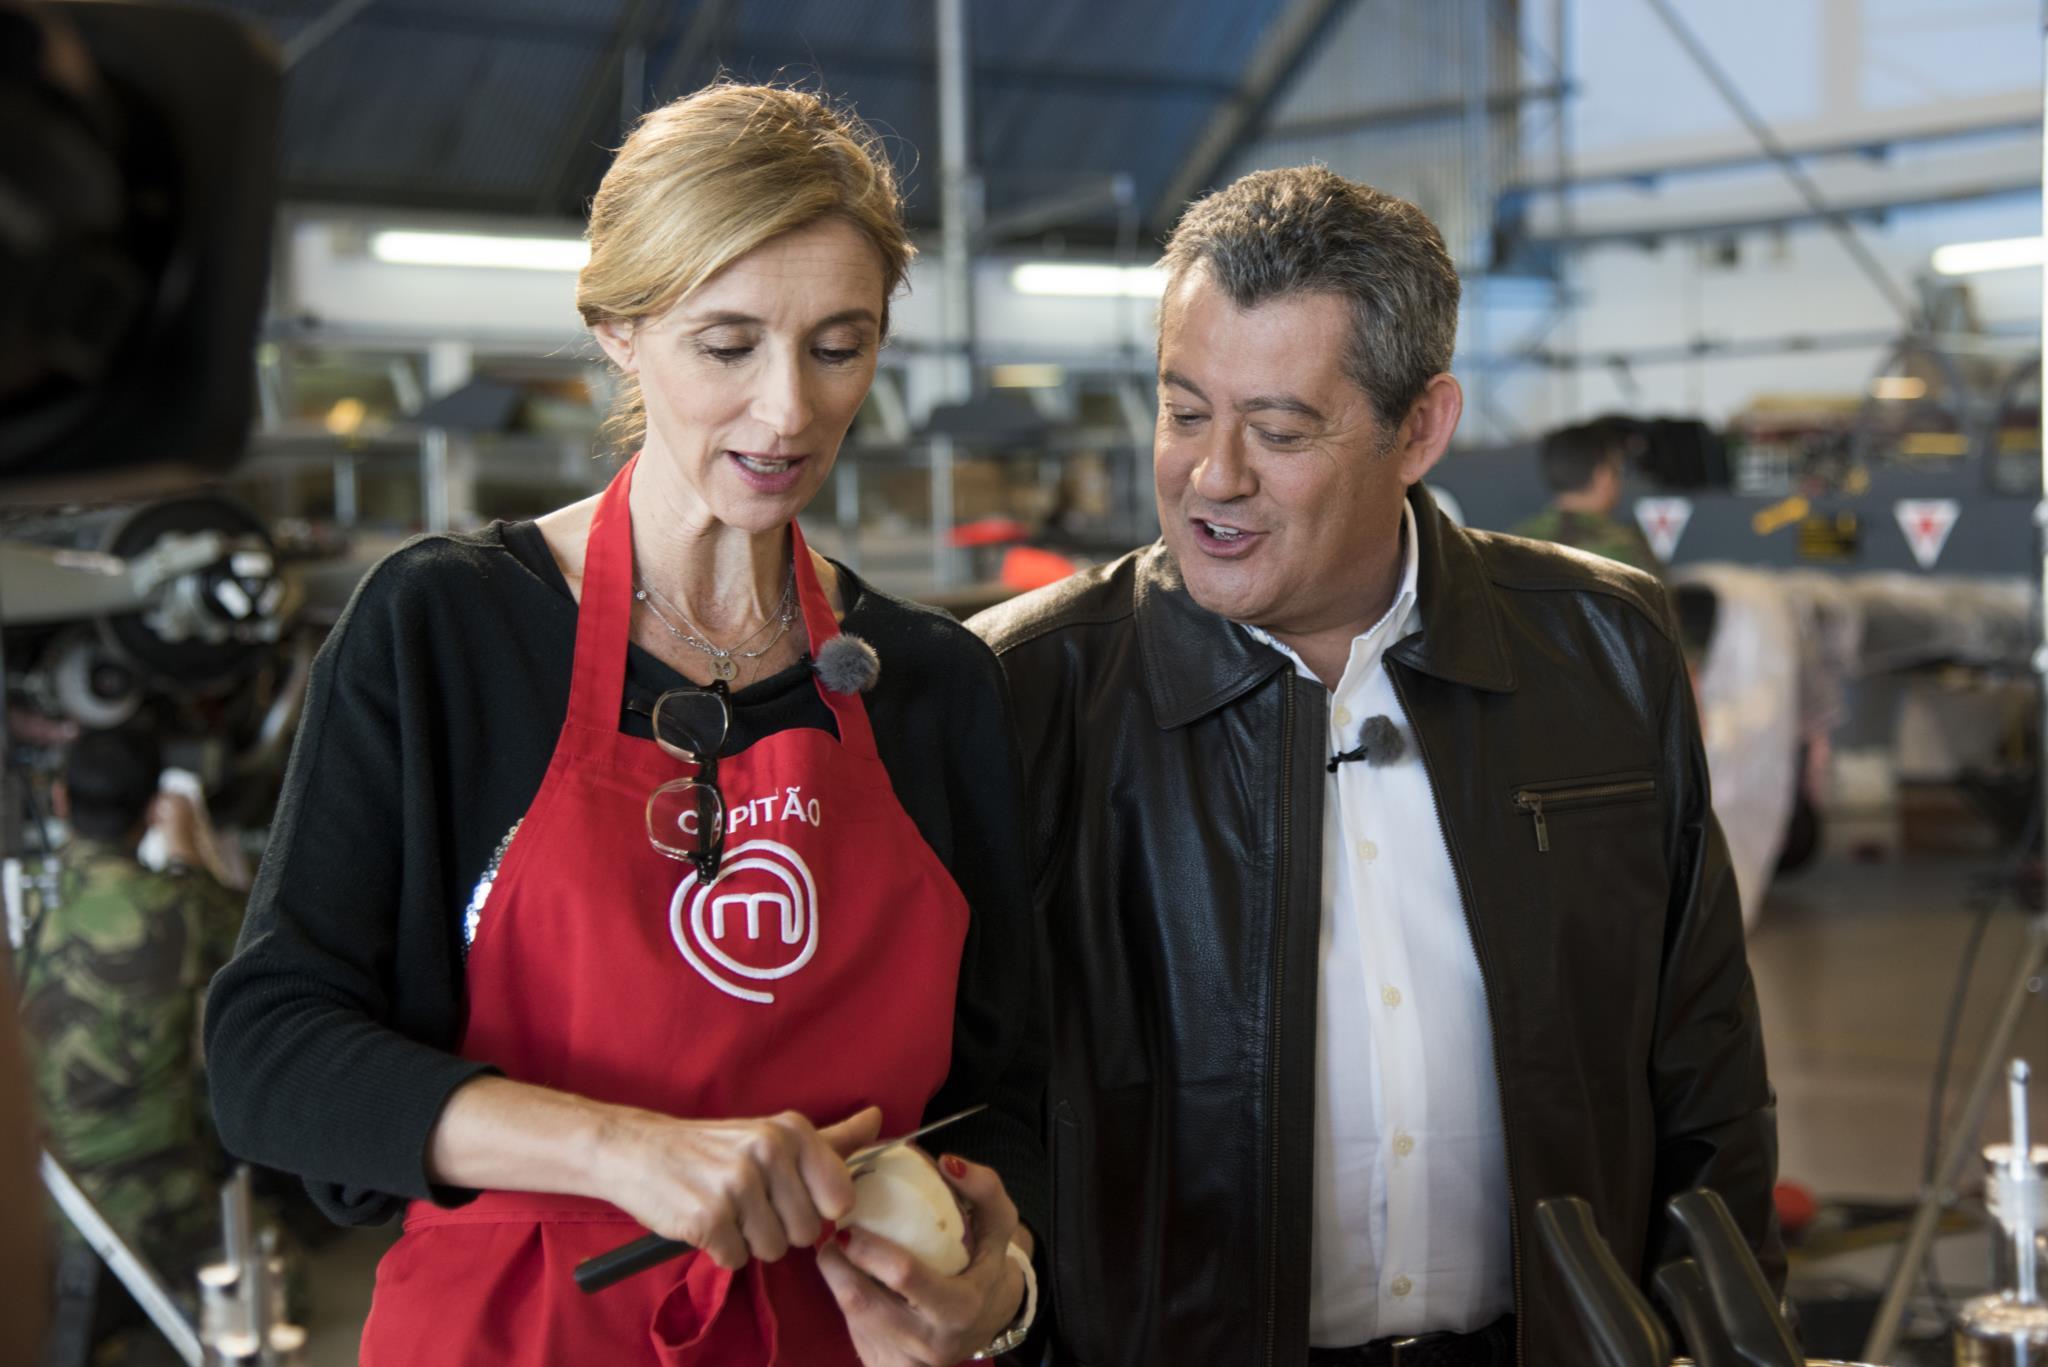 PÚBLICO - Febras de sábado à noite: TVI volta à cozinha com celebridades <i>MasterChef</i>